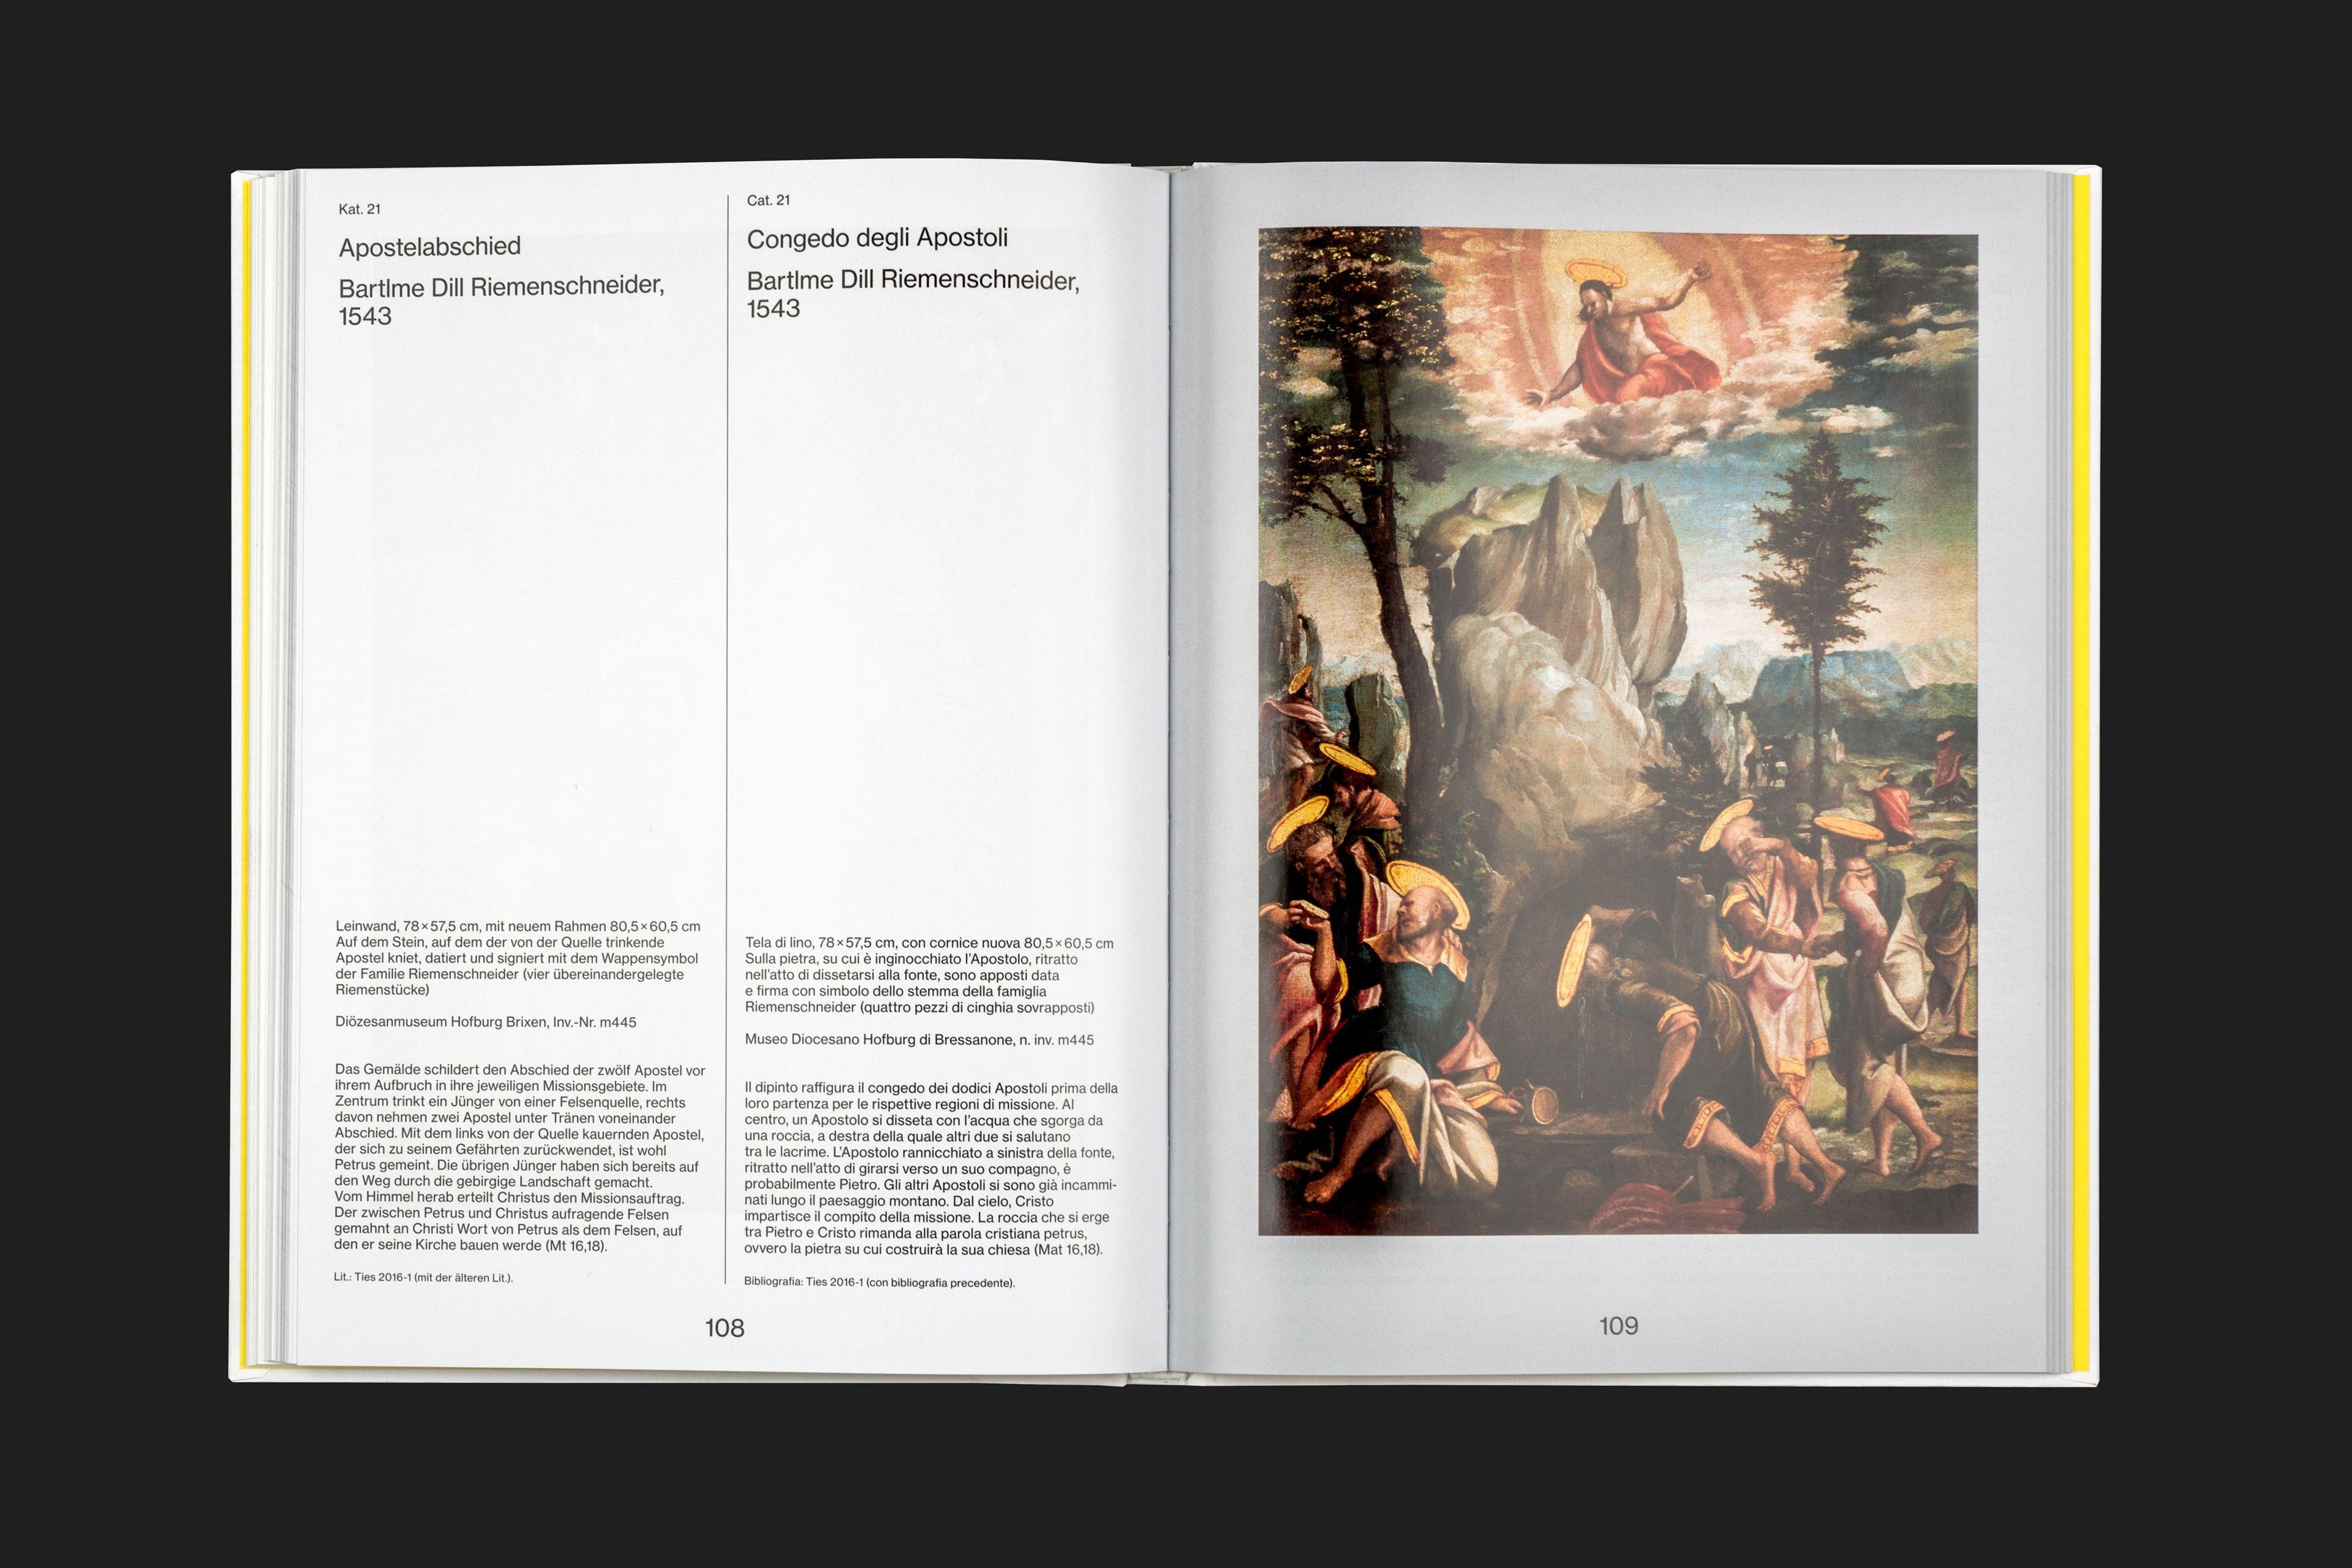 Groß Provo Art Und Rahmen Galerie - Rahmen Ideen - markjohnsonshow.info